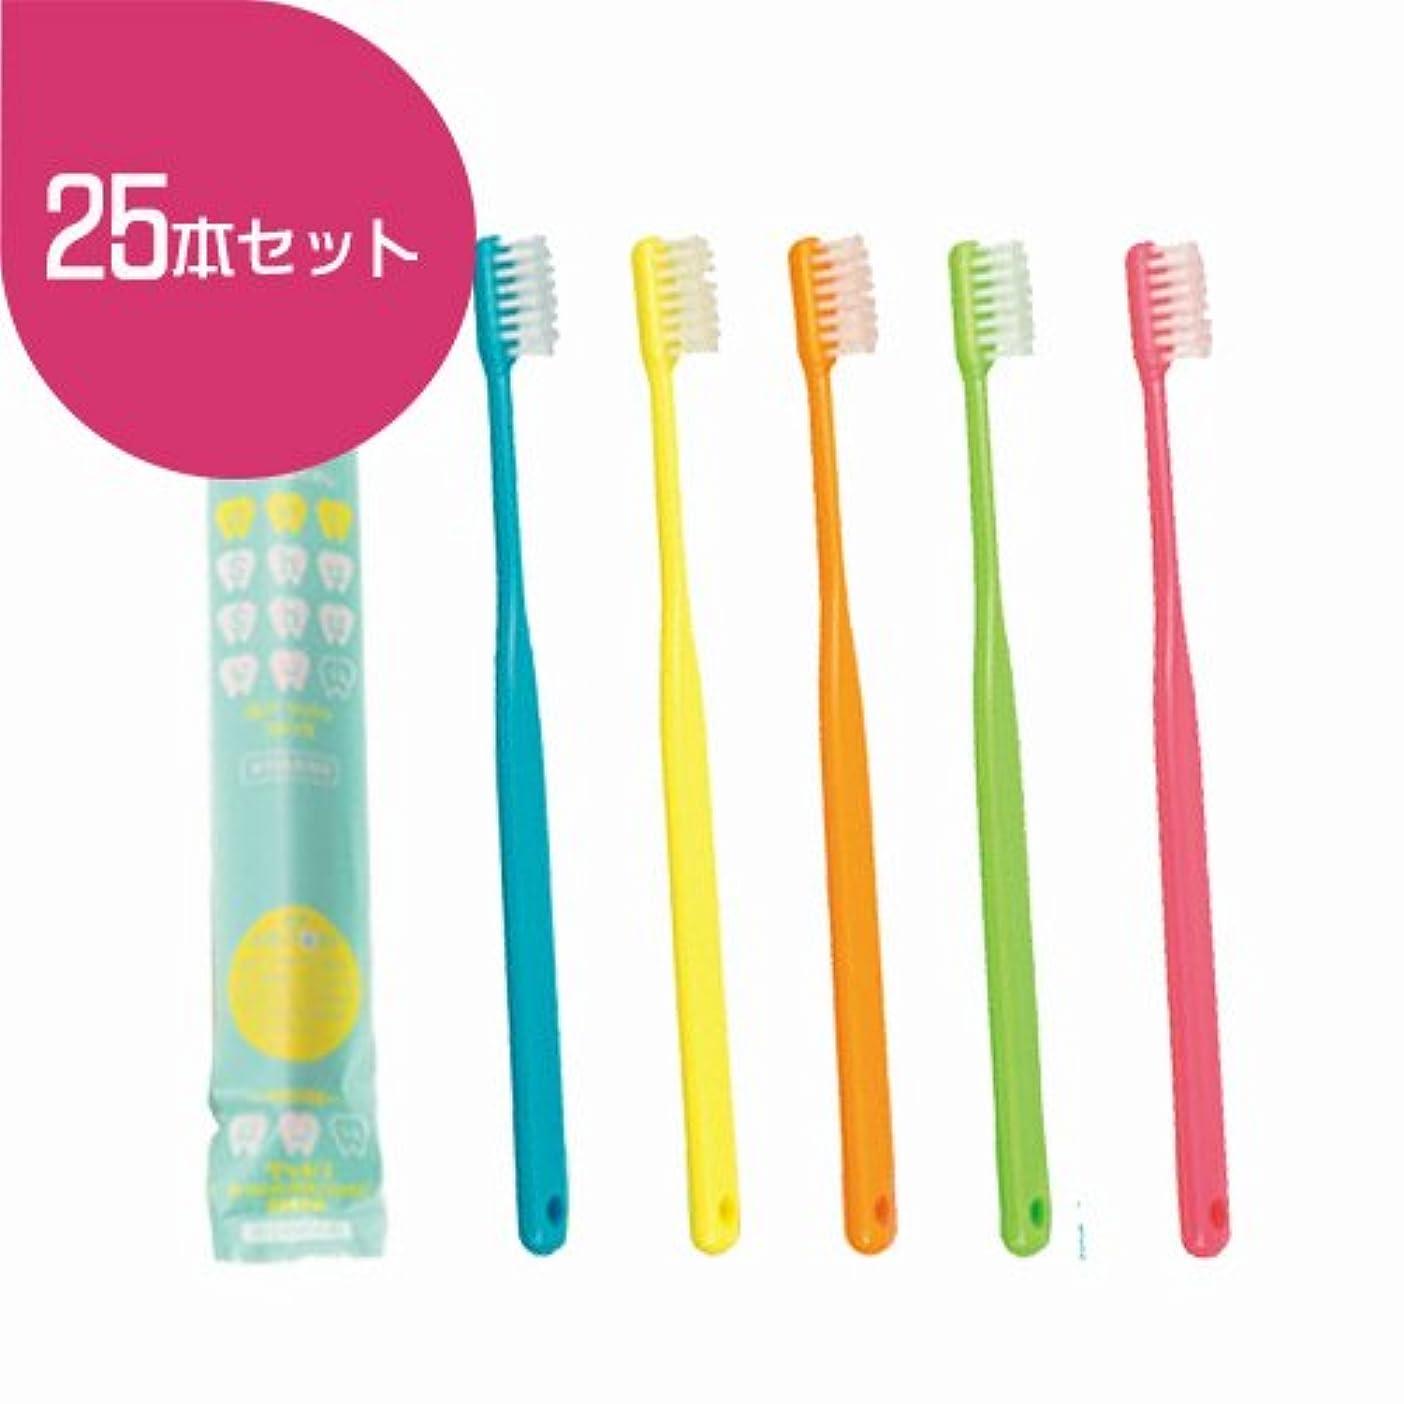 高める二週間適度にFEED(フィード) 占い!Shu Shu(うらないシュシュ)歯ブラシ×25本 (ふつう(M), 色はおまかせ)